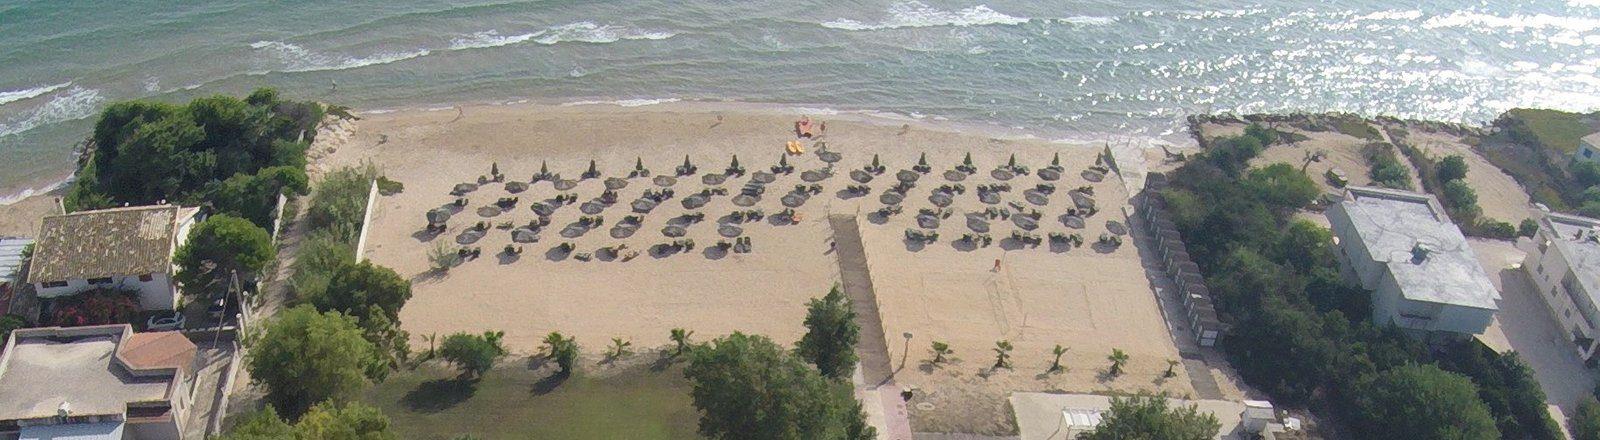 Soggiorno Mare Sicilia Settembre - Porto Palo di Menfi Le Dune Resort